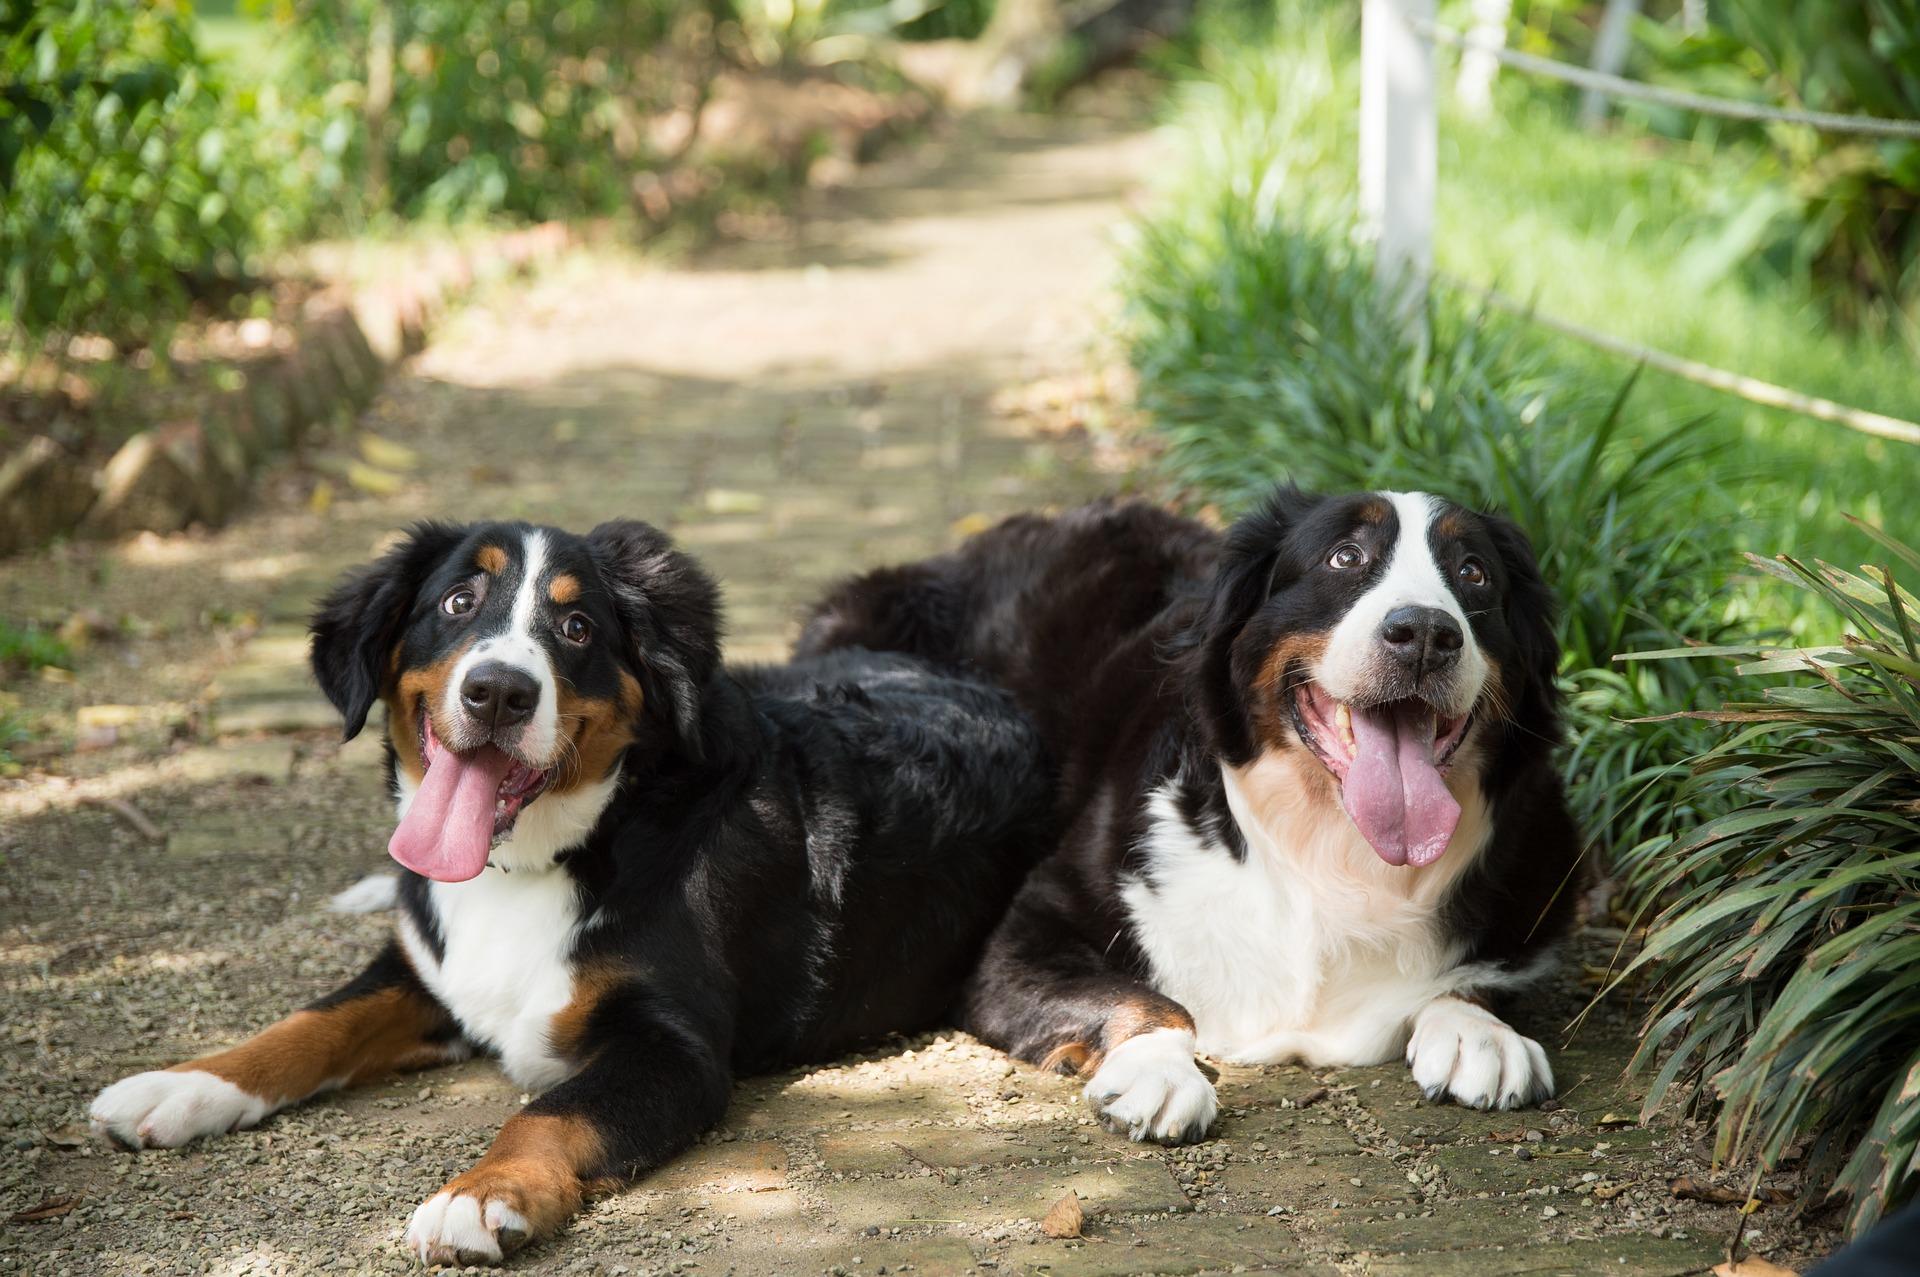 Berneńskie psy pasterskie bardzo długo zachowują szczenięcą radość i energię do wybryków. Bardzo lubią też czułości i pieszczoty.